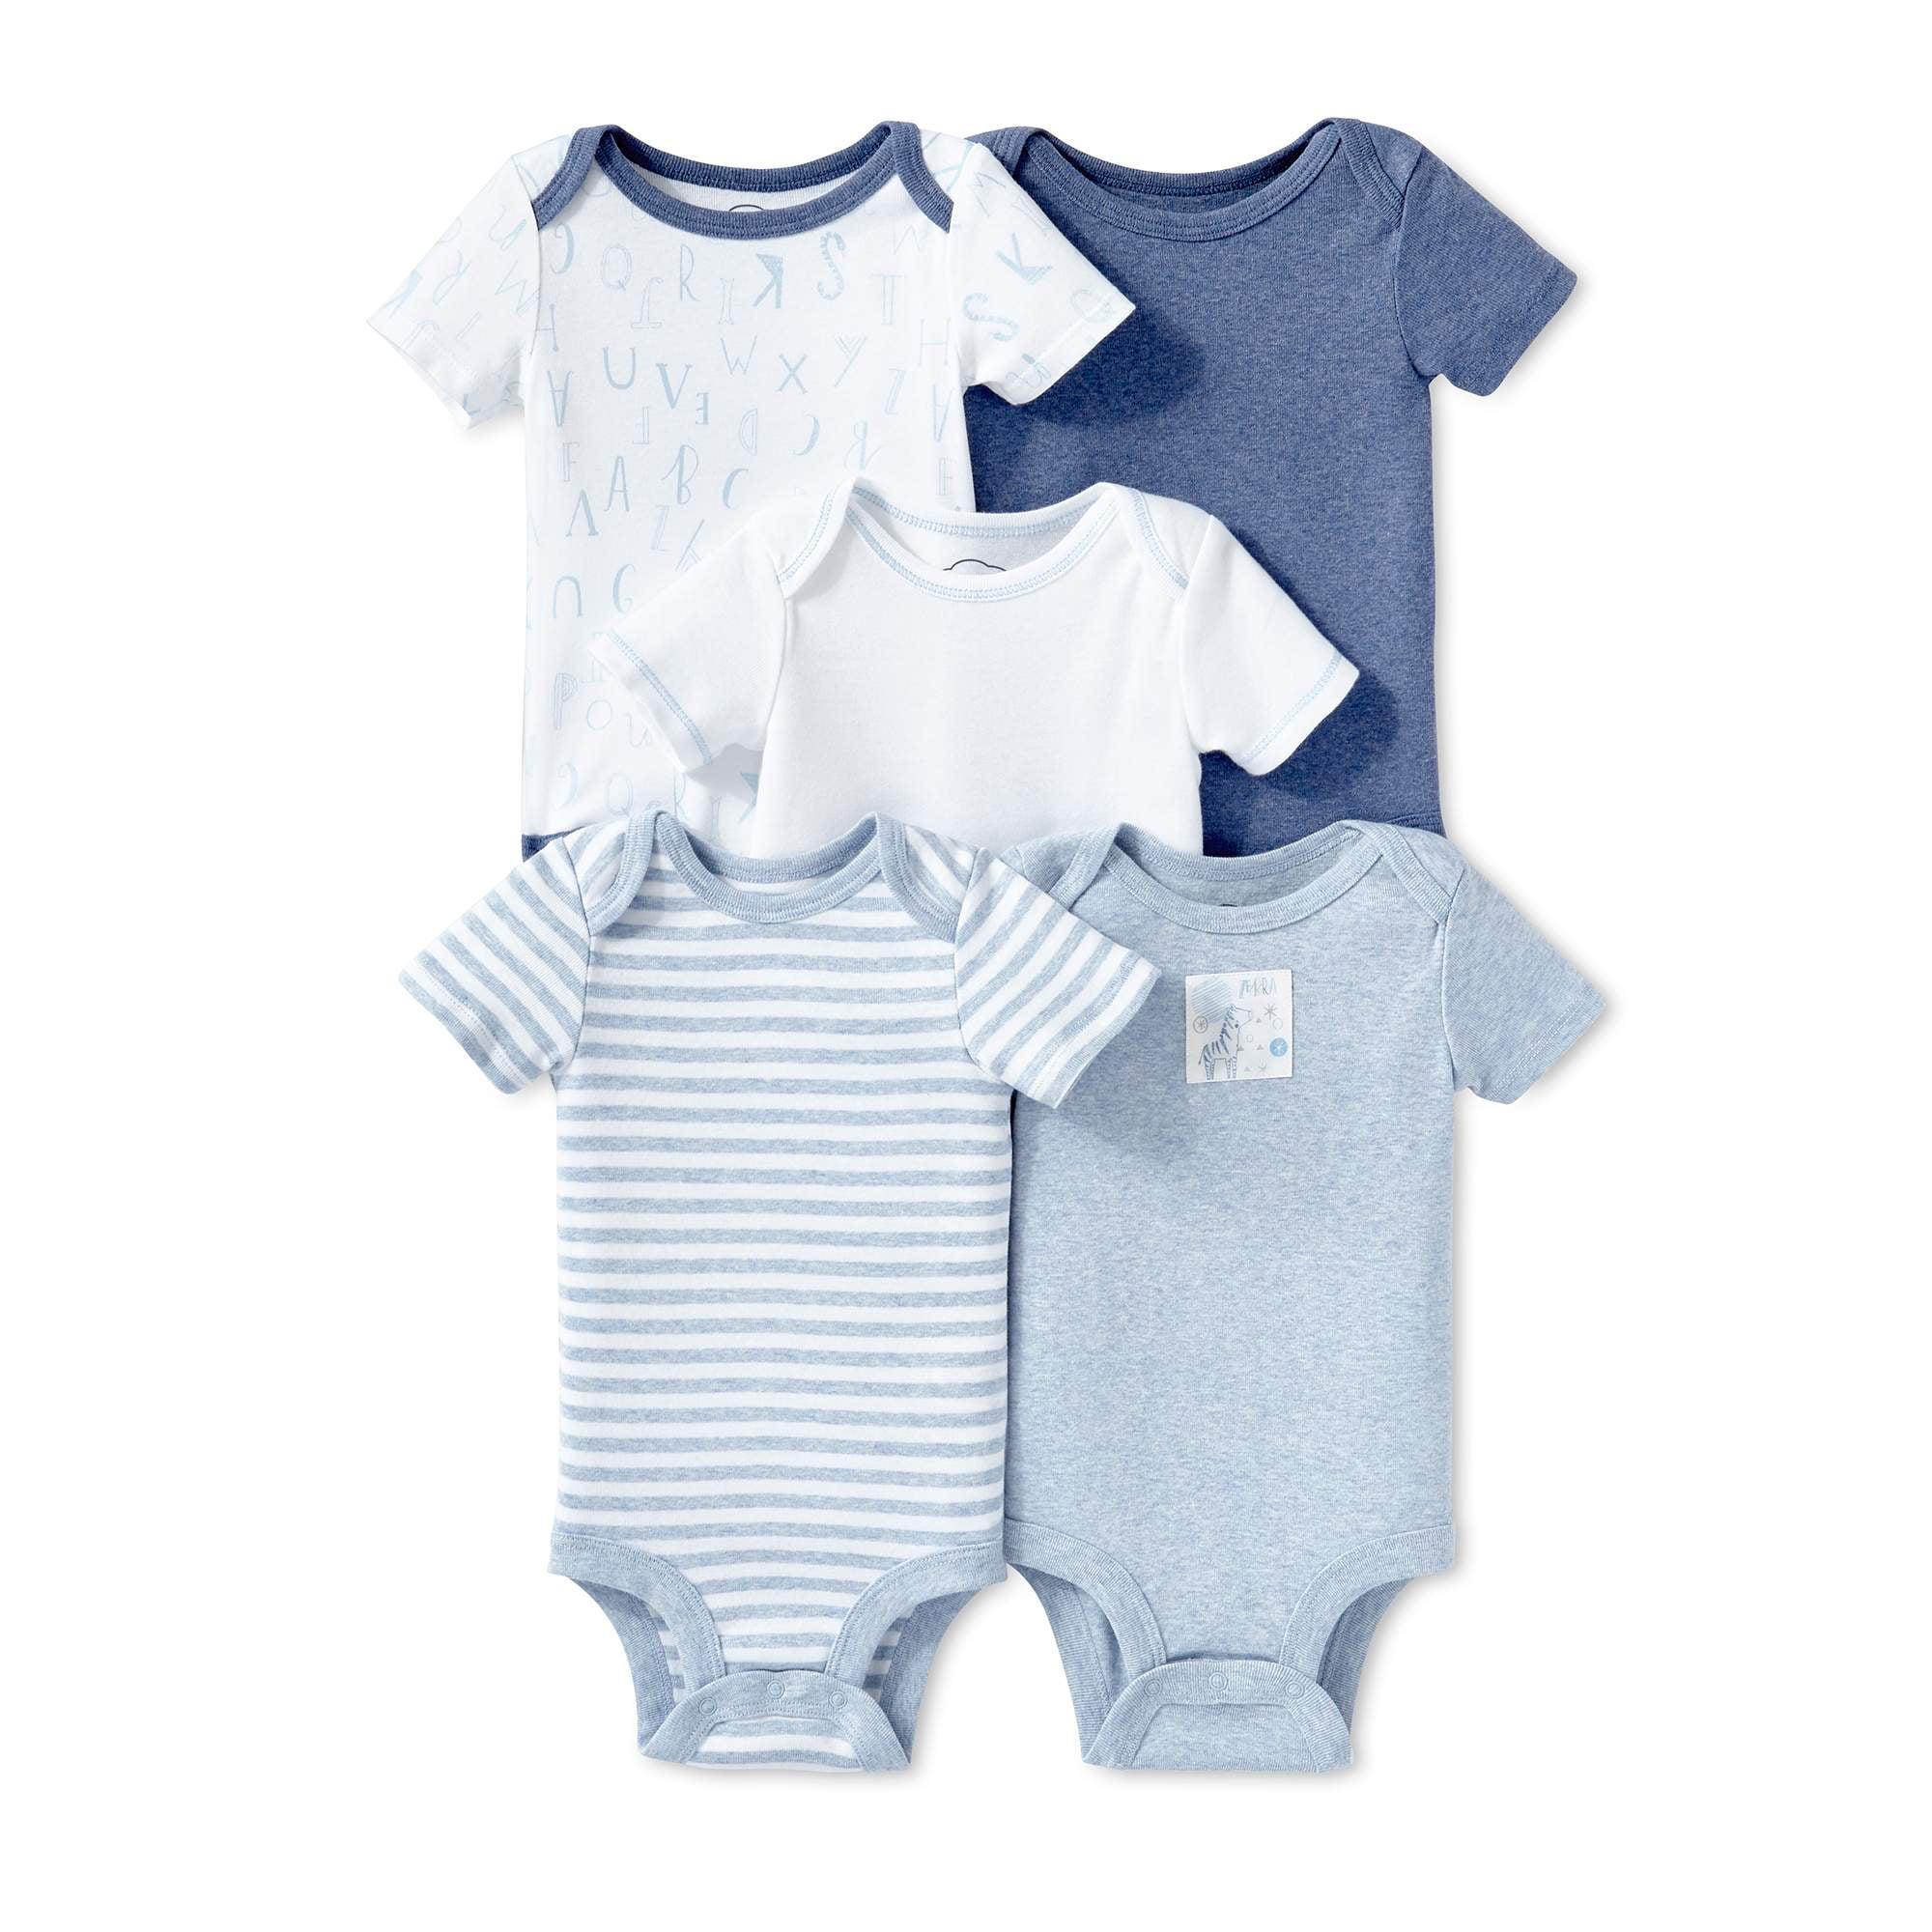 Lamaze Organic Baby Boys Lamaze Baby Organic 5 Pack Shortsleeve Bodysuits Blue 6M